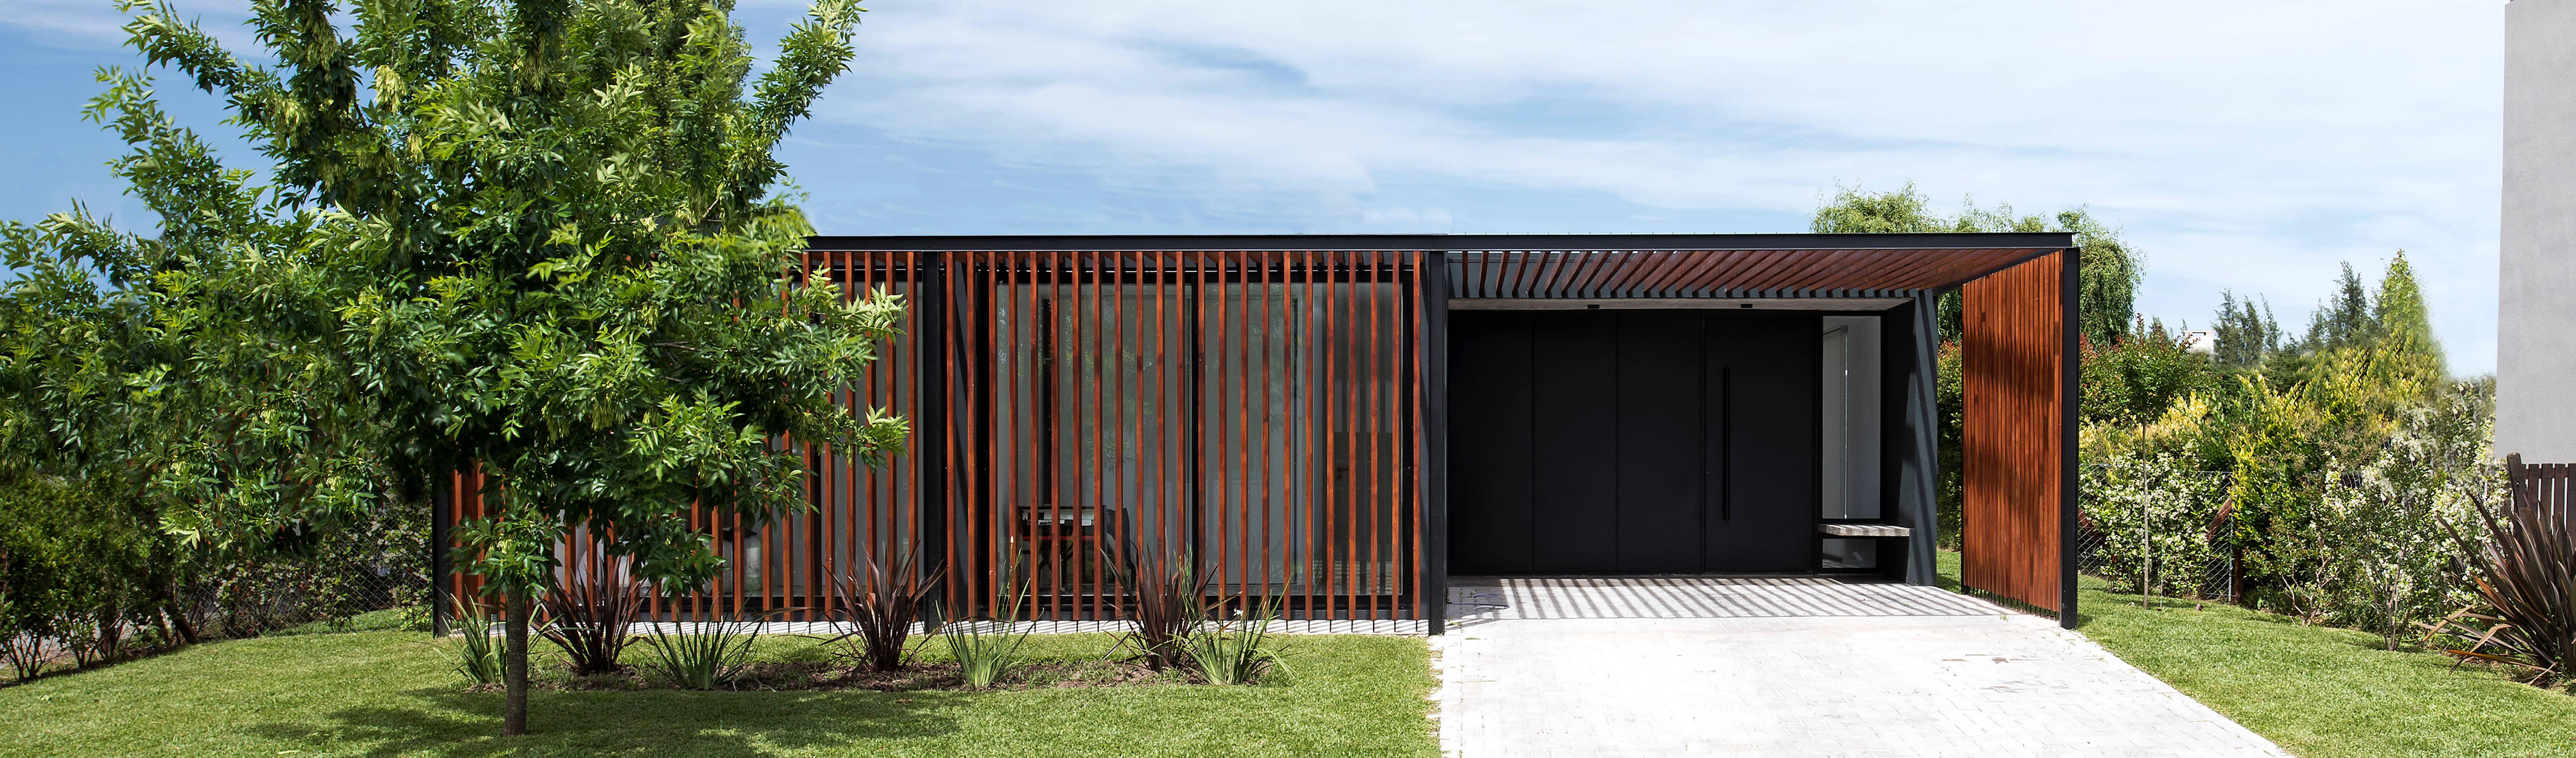 Luciano Kruk arquitectos